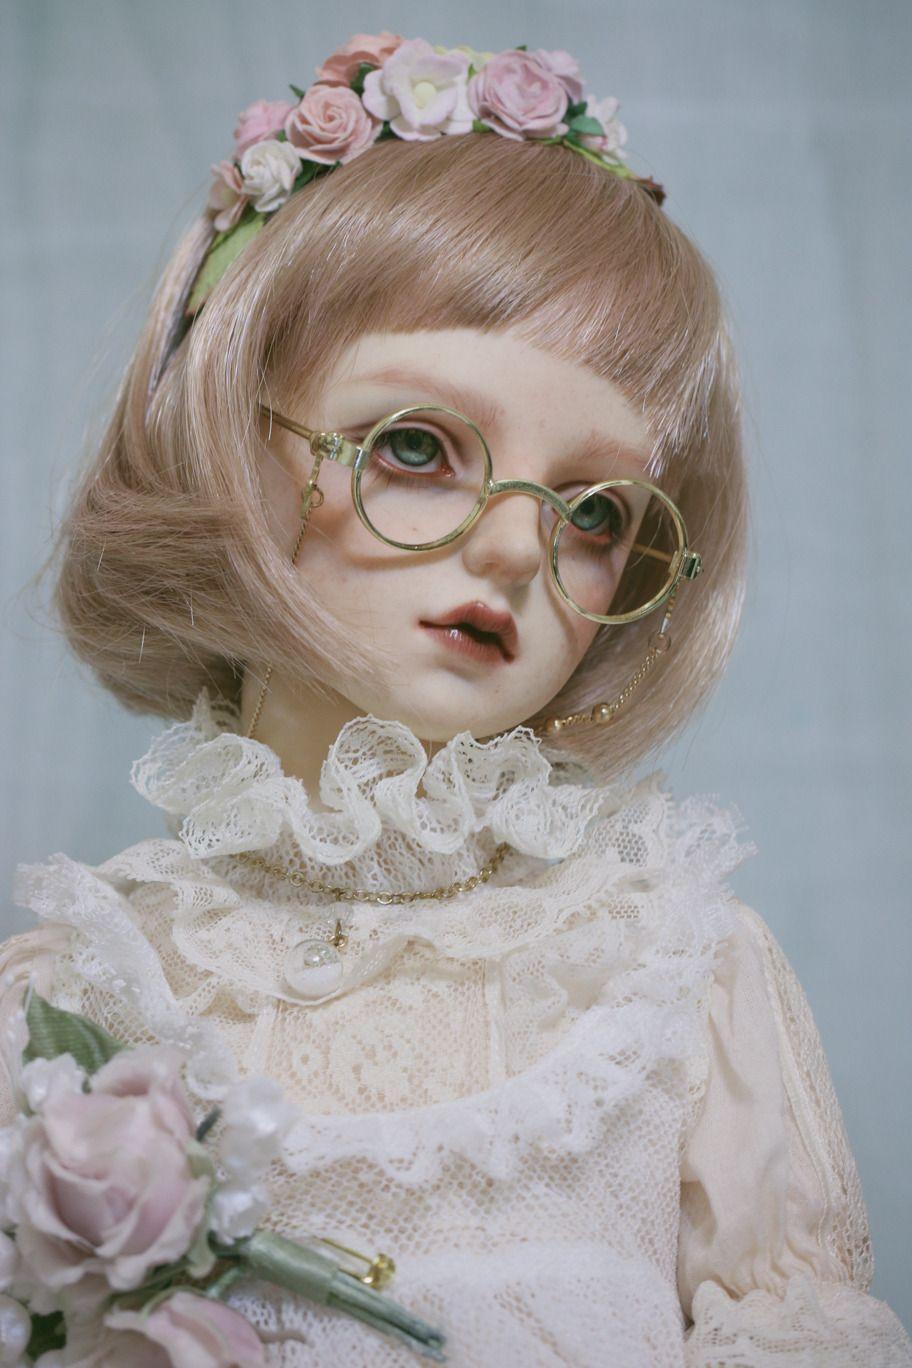 J V O N C 美しい人形 球体関節人形 アートドール